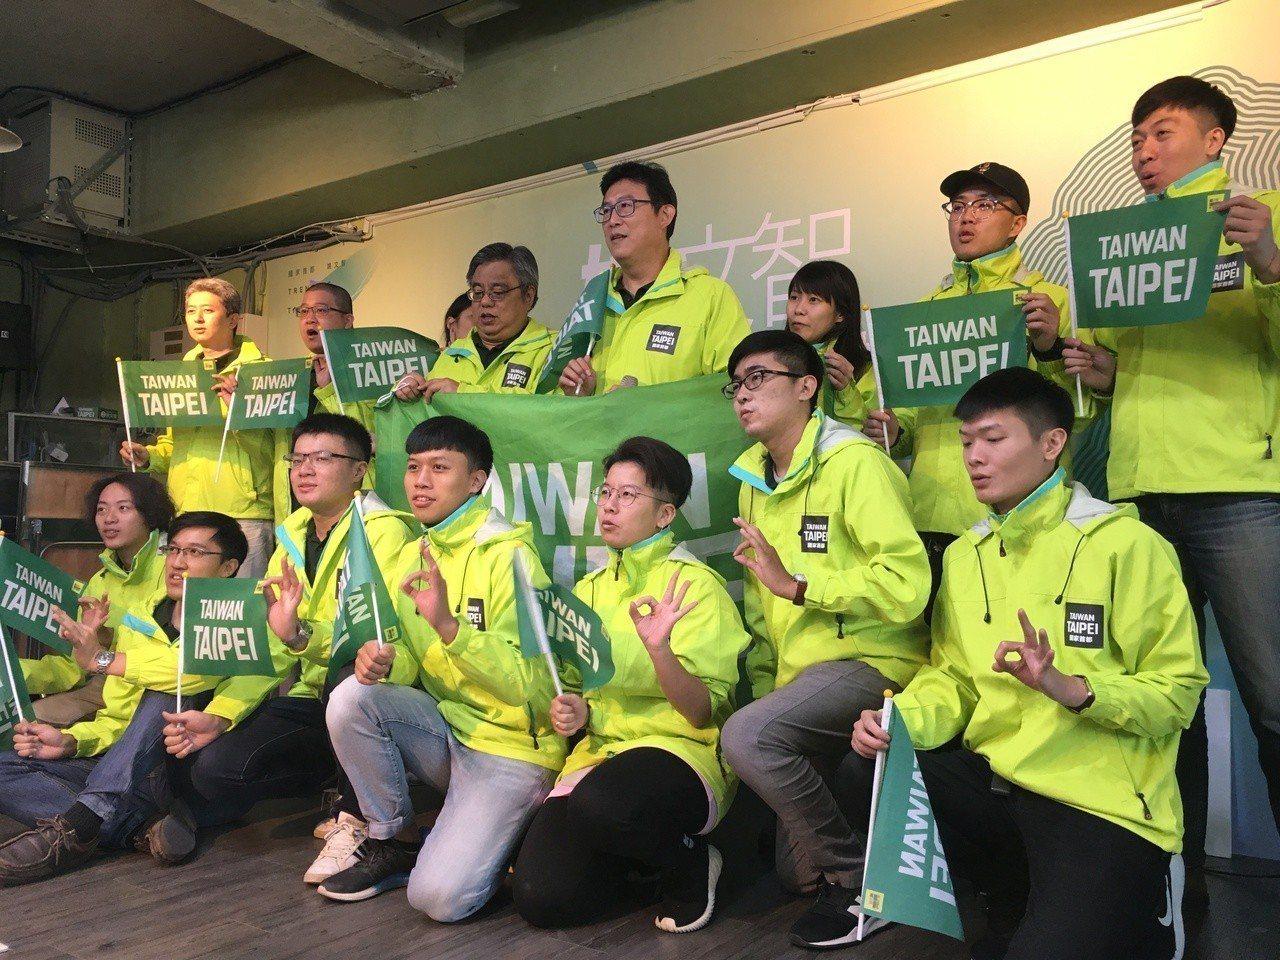 民進黨候選人姚文智今天宣布「國家首都換新3」衝刺活動,全員換上新外套。記者張世杰...